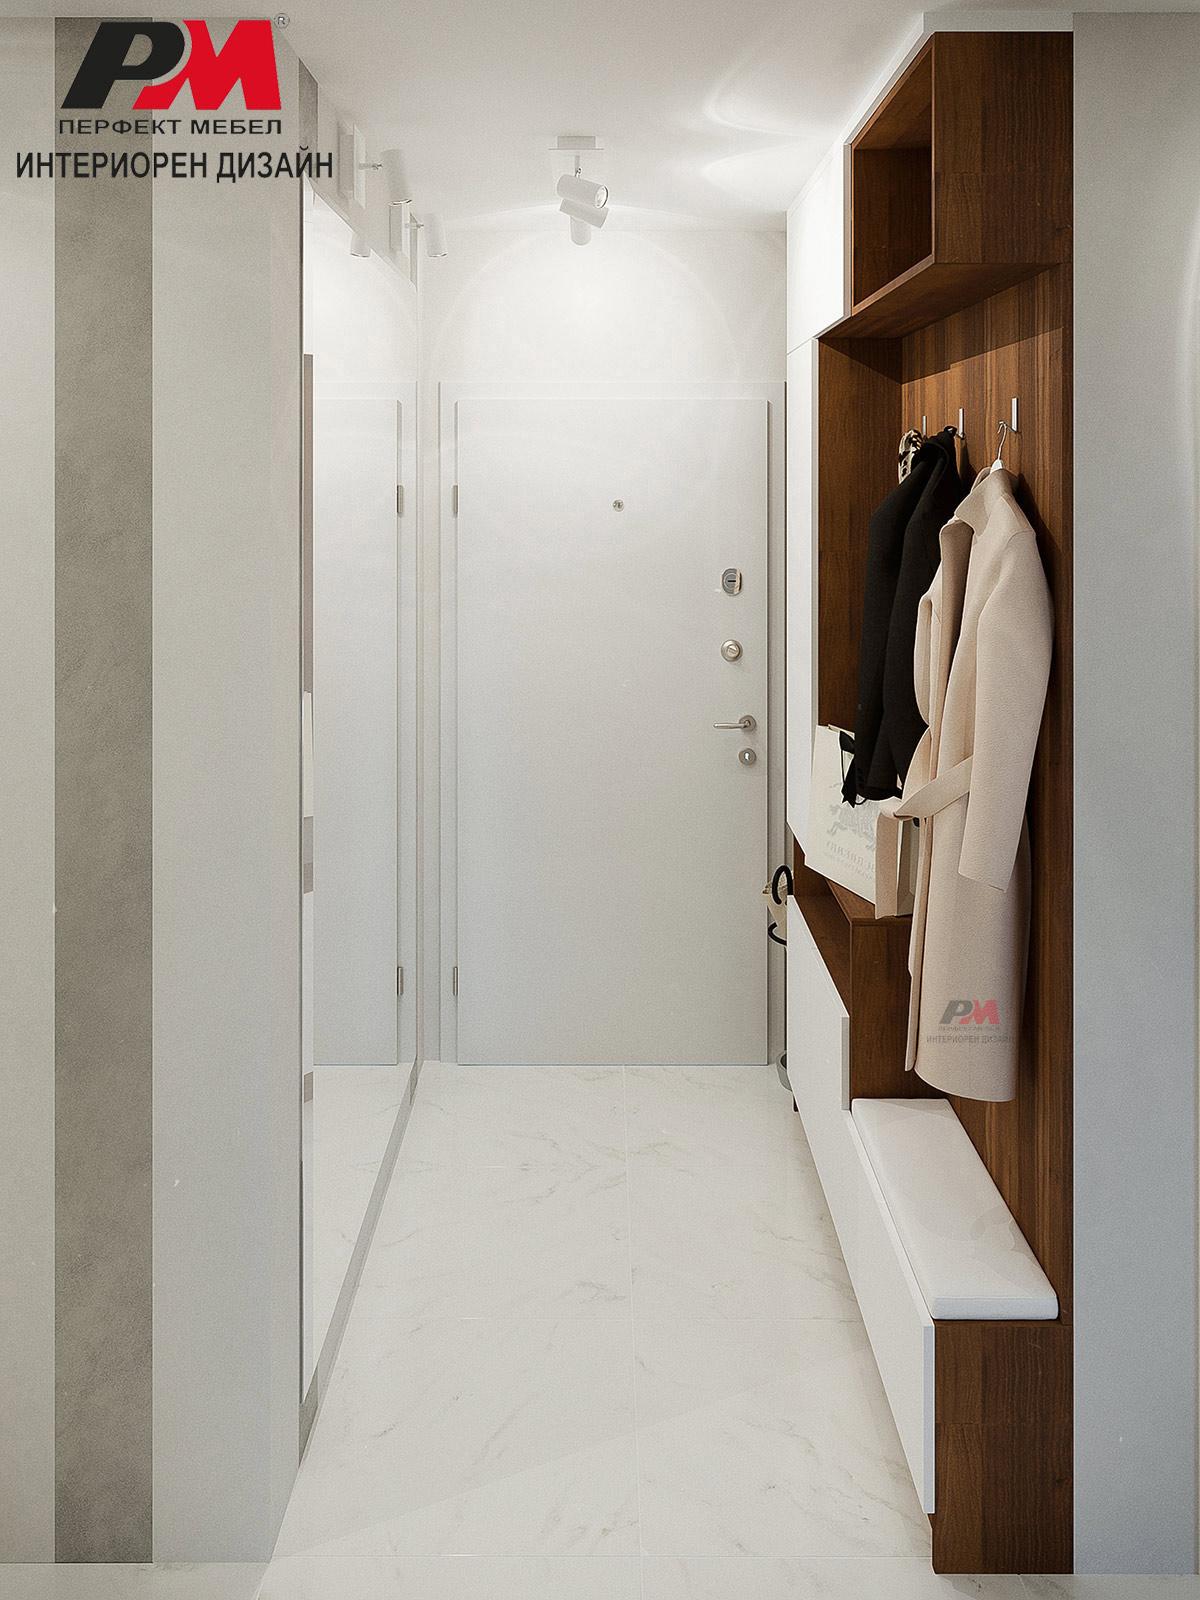 Функционално и практично антре в бял цвят и дървесен декор.